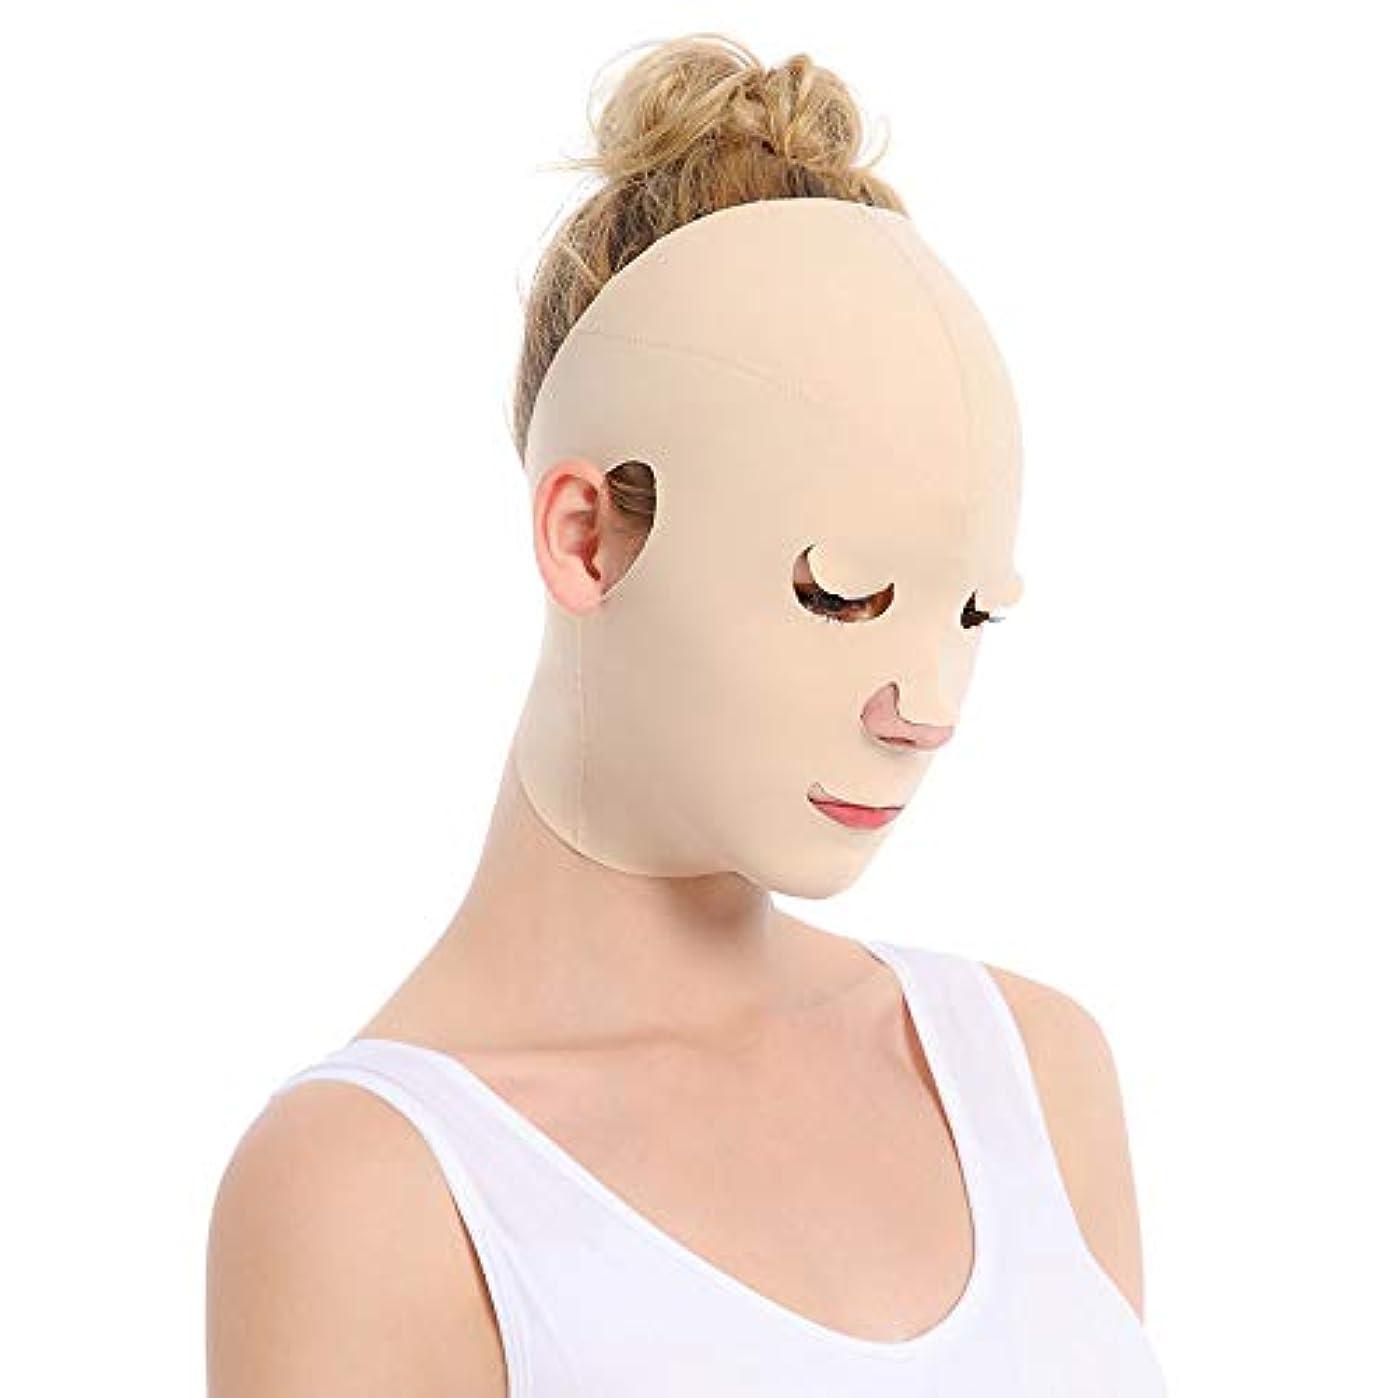 口頭属する全体に小さな顔ツールv顔包帯薄い顔美容マスク怠惰な睡眠マスク男性と女性のV顔包帯整形引き締め顔薄い二重あご